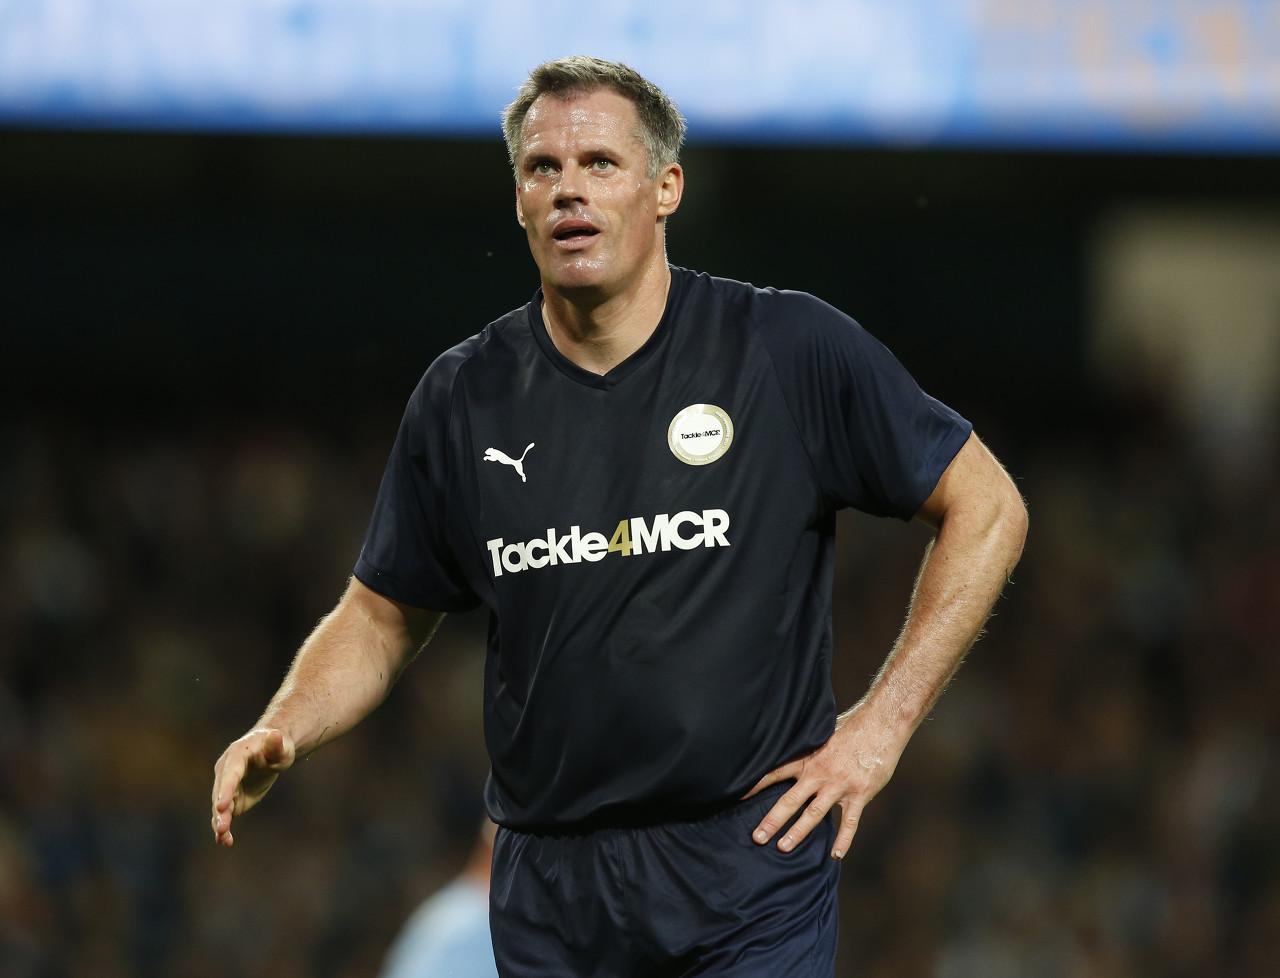 卡拉格谈利物浦撤回暂时解雇:对此很快乐,之前举措让球迷蒙羞 